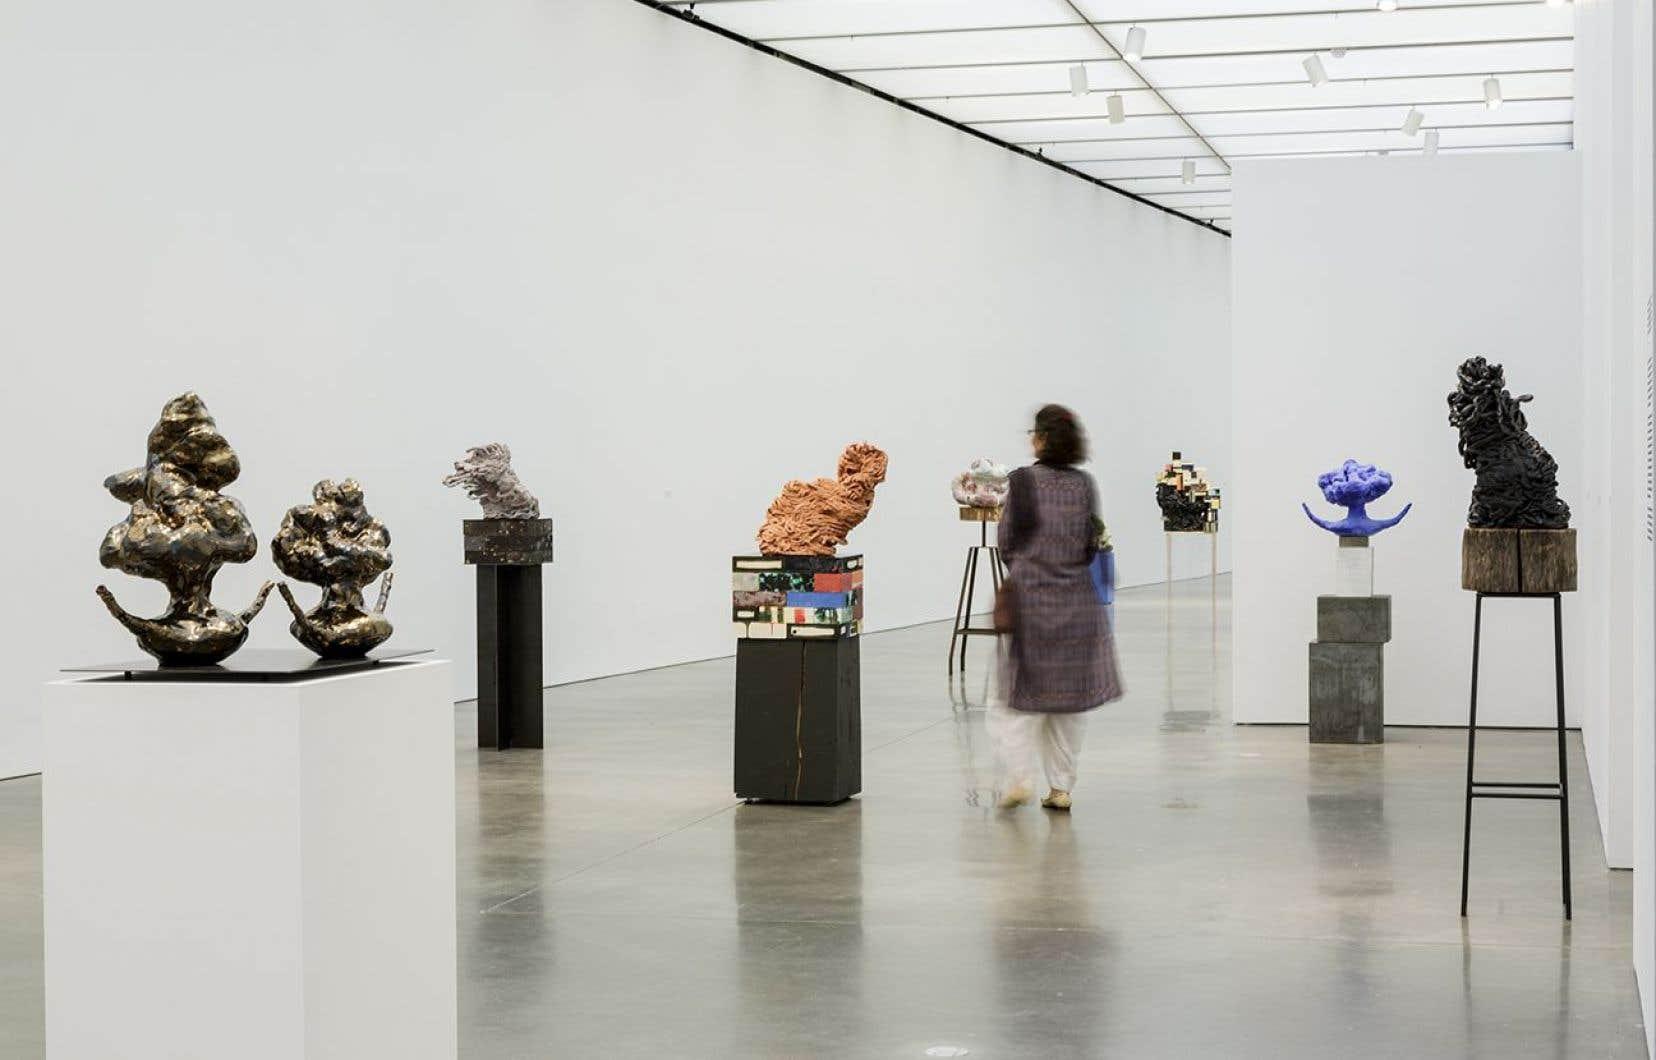 Vue de l'exposition d'Arlene Shechet au ICA de Boston